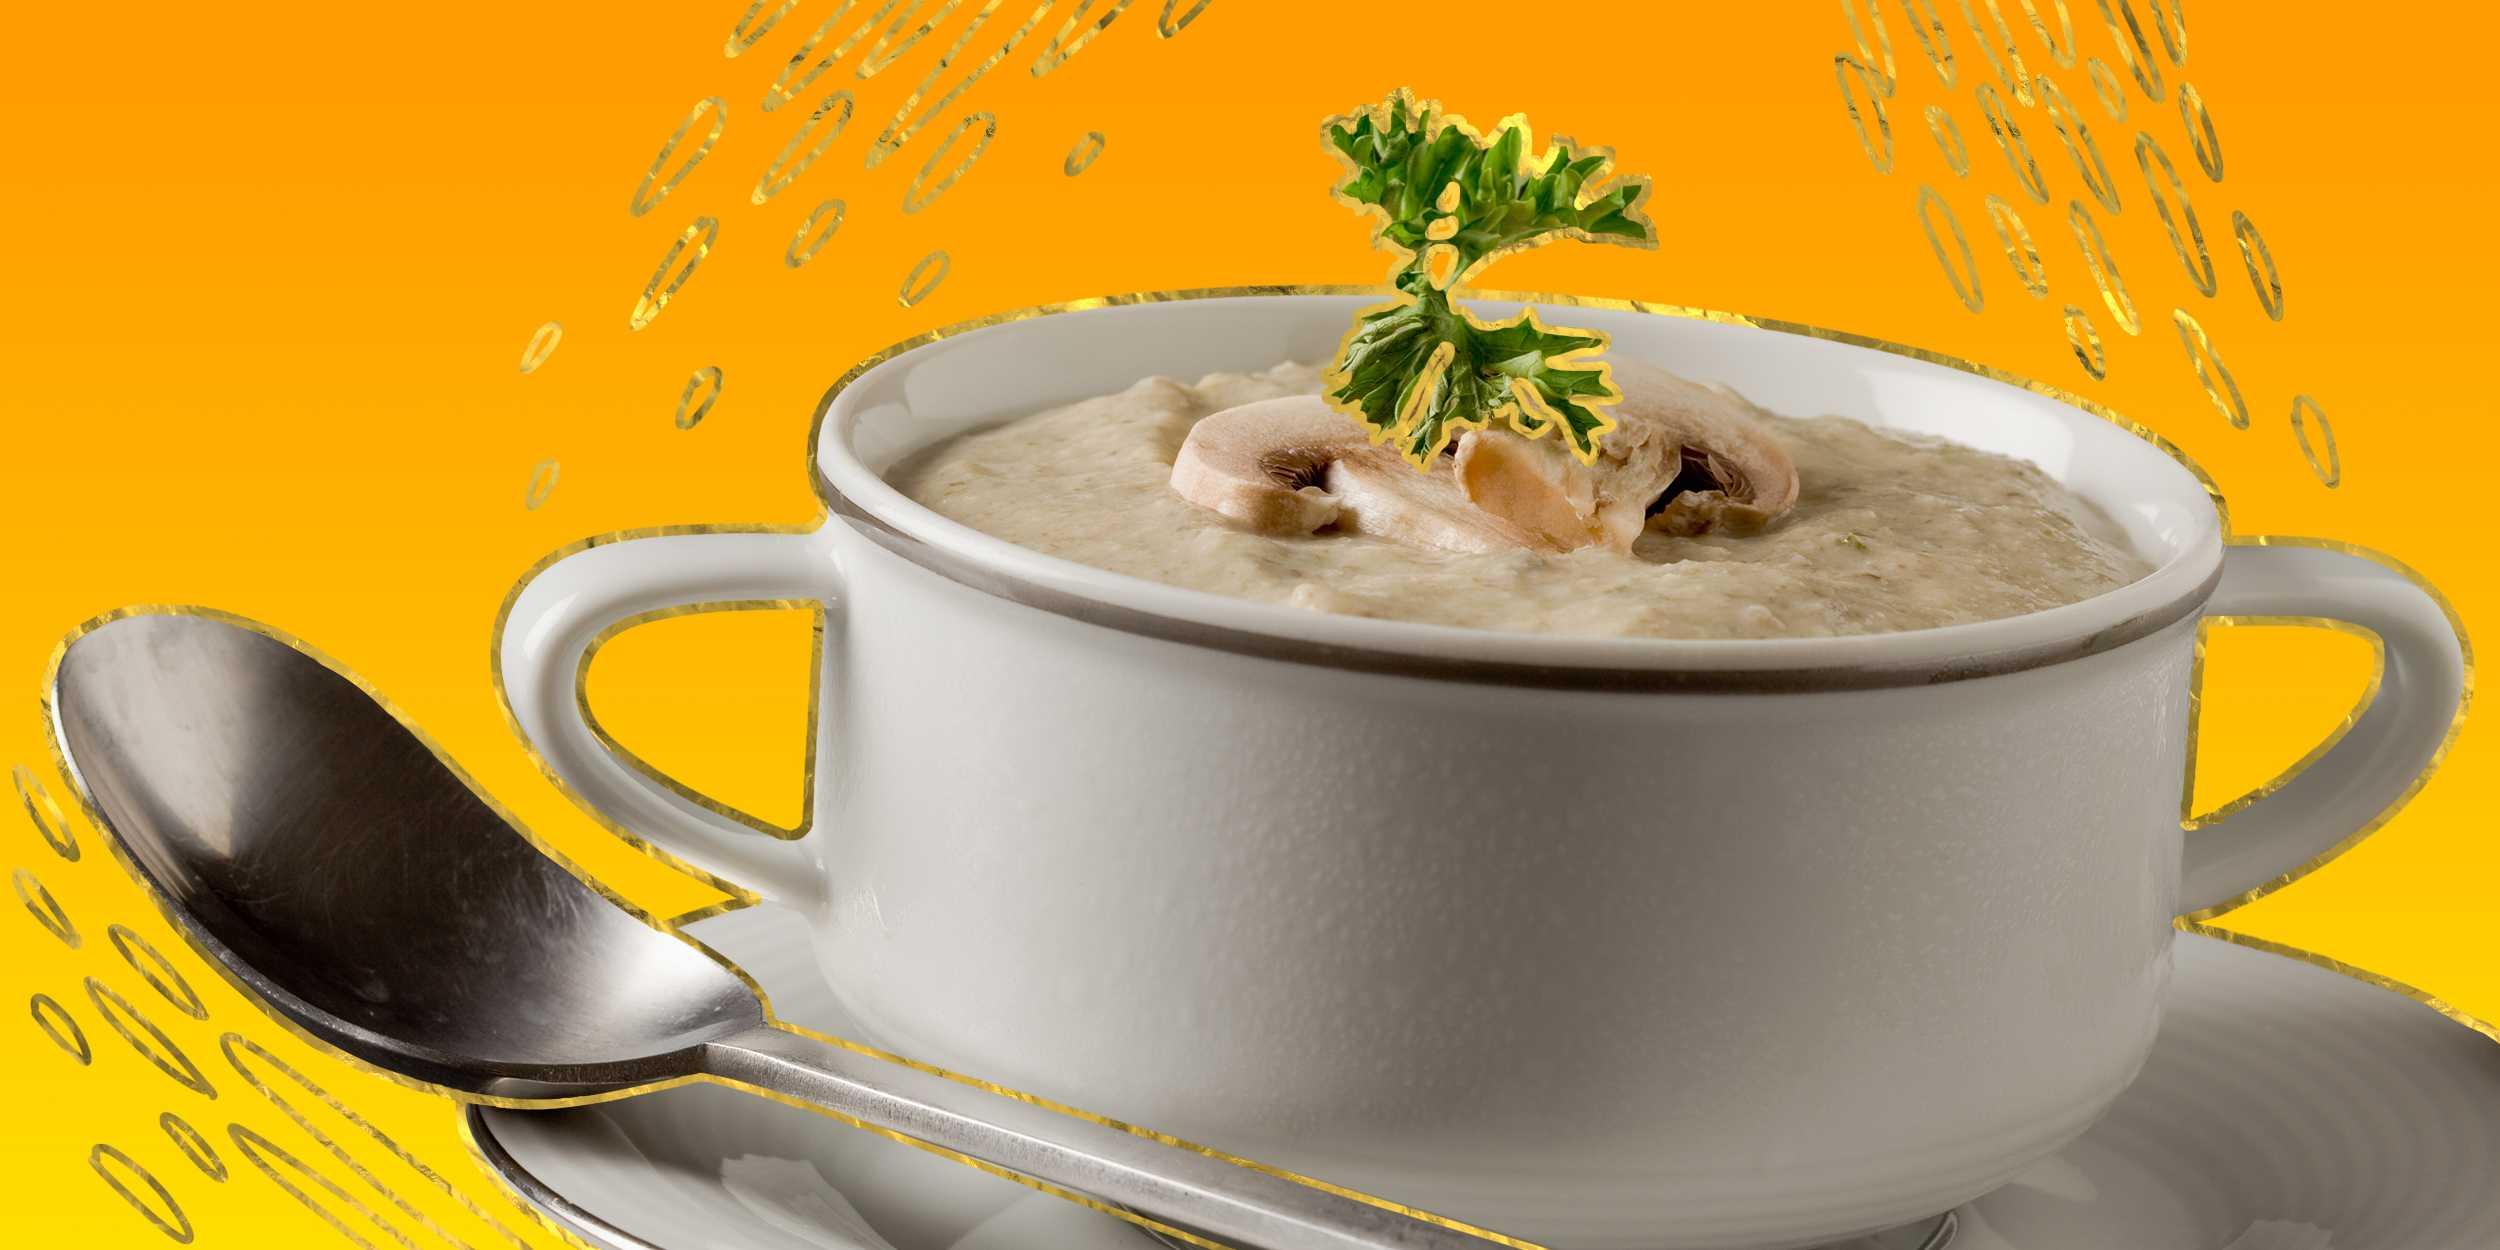 Суп с курицей и шампиньонами: основные нюансы приготовления. Популярные рецепты блюда с фотографиями и перечнем ингредиентов. Рекомендации и советы.